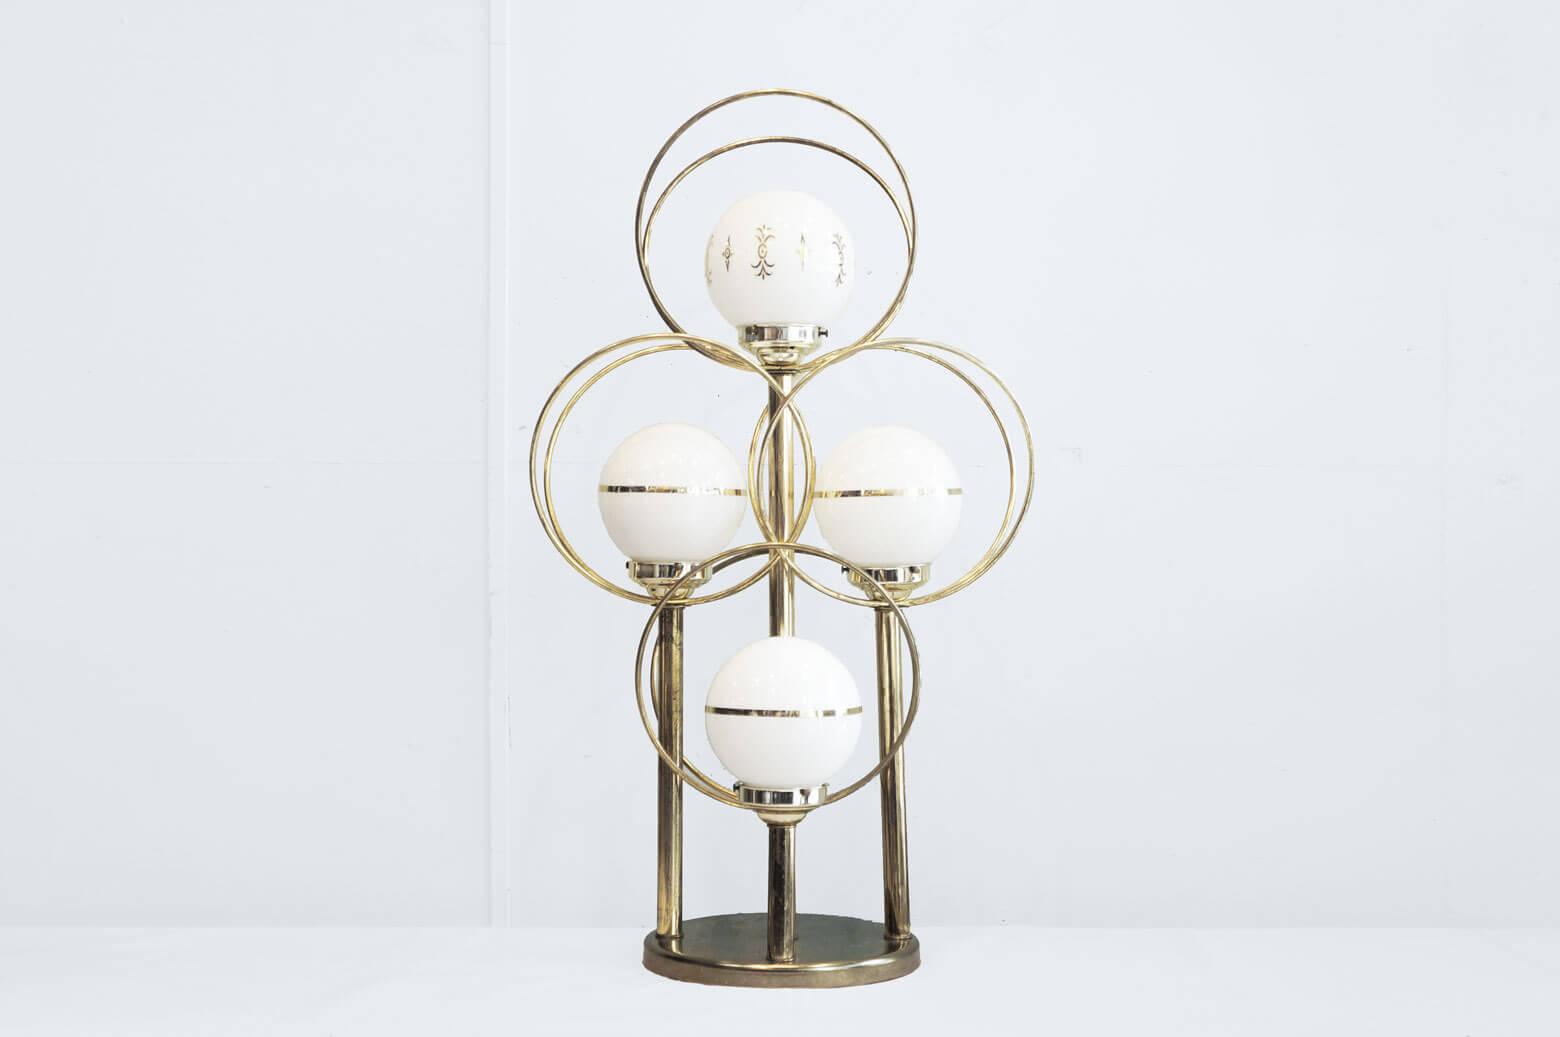 1960~70年代、アメリカ製ヴィンテージランプです。 ゴールドの輪の中に乳白色のガラスボールが浮かんでいるような不思議なルックスで、 これぞミッドセンチュリーやスペースエイジといったデザインです。 大きめなサイズ感なので、テーブルランプにもフロアランプにもお使いいただけます。 一番上のガラスシェードにはこの時代を象徴するアトミック柄のようなモチーフが施されています。 ベースに付いているスイッチをカチッと回すと、左右の2灯→上下の2灯→4灯全ての順番で切り替えることができます。 シチュエーションによって点灯する数を変えるとまた雰囲気が変わっておもしろいですよ♪ 経年や使用に伴う、細かな傷や擦れがございます。 また、フレーム、ベースに錆びがございますが、動作には問題ございません。 とにかくインパクトの強い個性的なミッドセンチュリーデザイン。 そんなインテリアが一つでもあると、なんだか古き良き時代のアメリカにタイムスリップしたような感覚になりますね。 個性的なアイテムでお部屋を彩ってみてはいかがですか? ~【東京都杉並区阿佐ヶ谷北アンティークショップ 古一】 古一/ふるいちでは出張無料買取も行っております。杉並区周辺はもちろん、世田谷区・目黒区・武蔵野市・新宿区等の東京近郊のお見積もりも!ビンテージ家具・インテリア雑貨・ランプ・USED品・ リサイクルなら古一/フルイチへ~